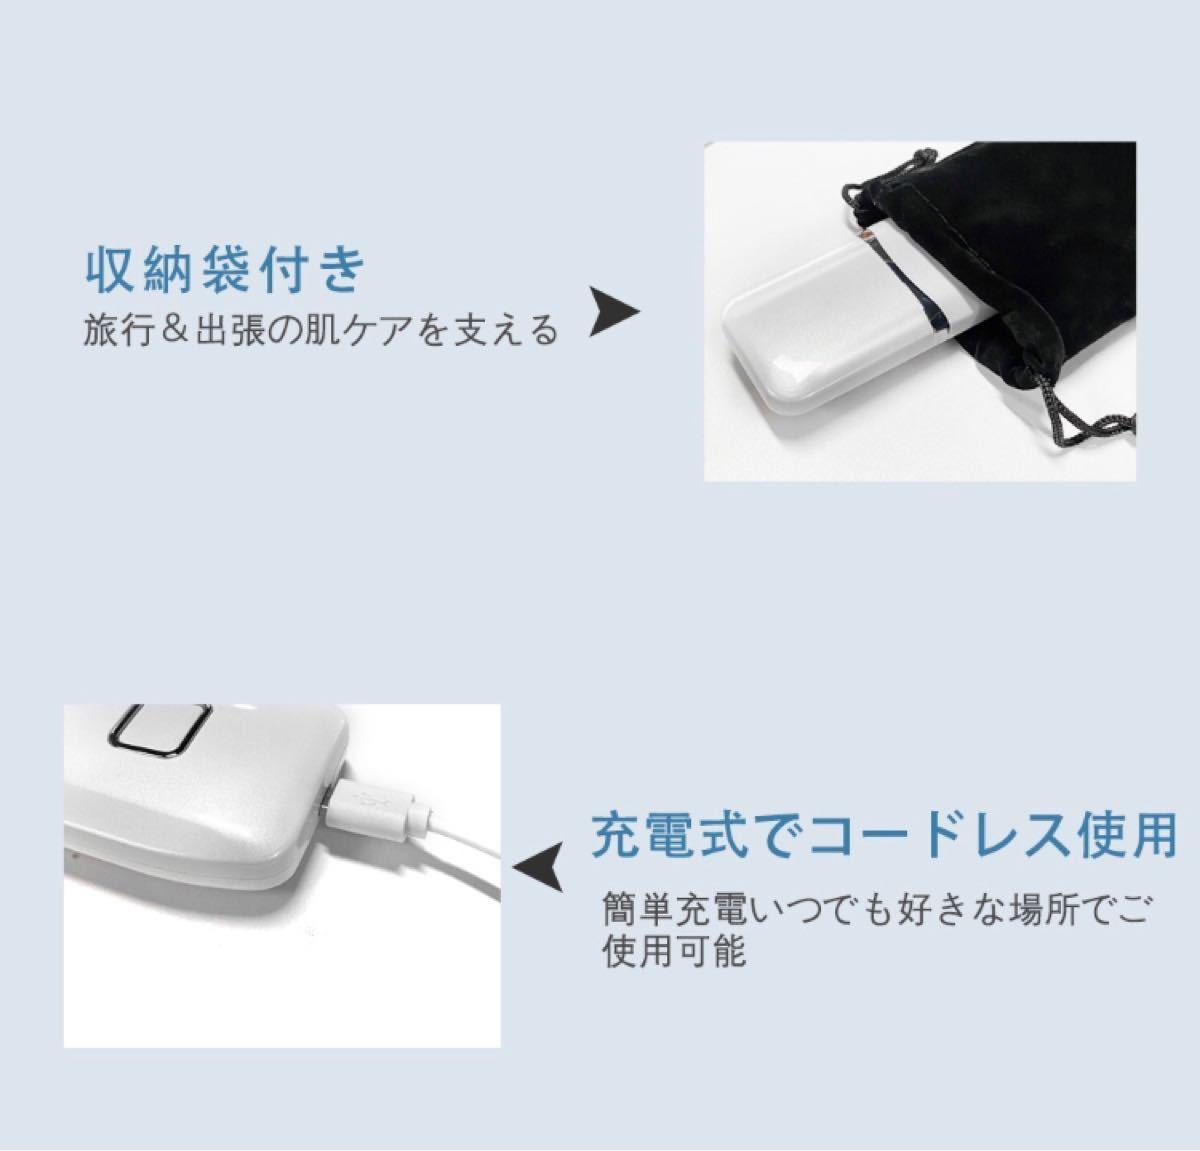 美顔器  超音波 1台6役 リフトアップ  ウォーターピーリング 光エステ/EMS/つモード ピーリング イオン導入/導出 箱あり